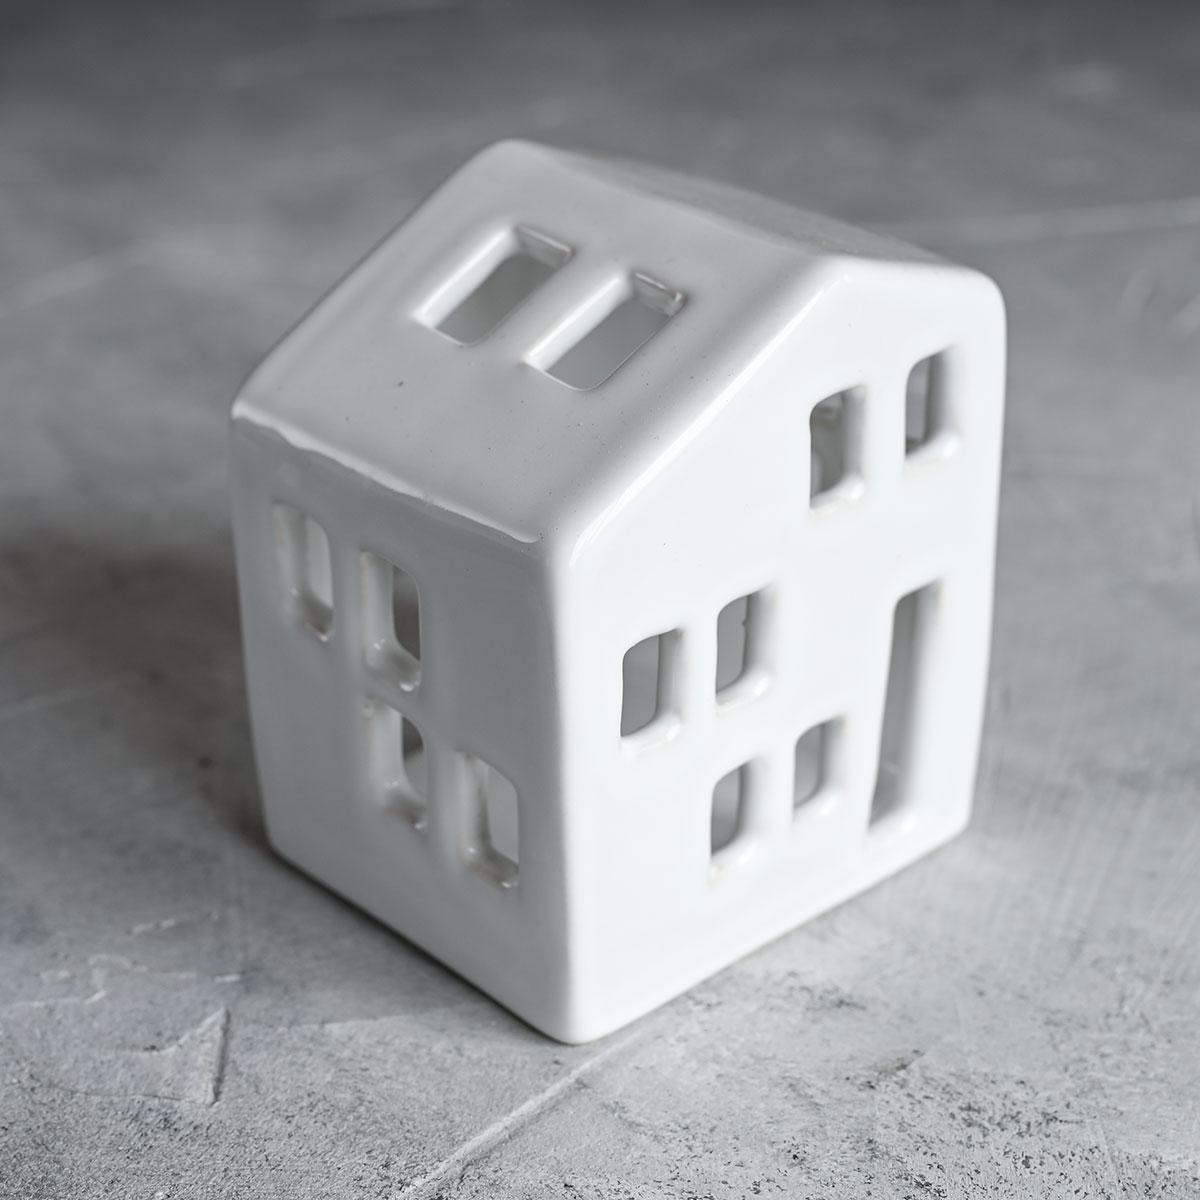 """картинка Керамический подсвечник """"Дом"""" 2 - DishWishes.Ru"""